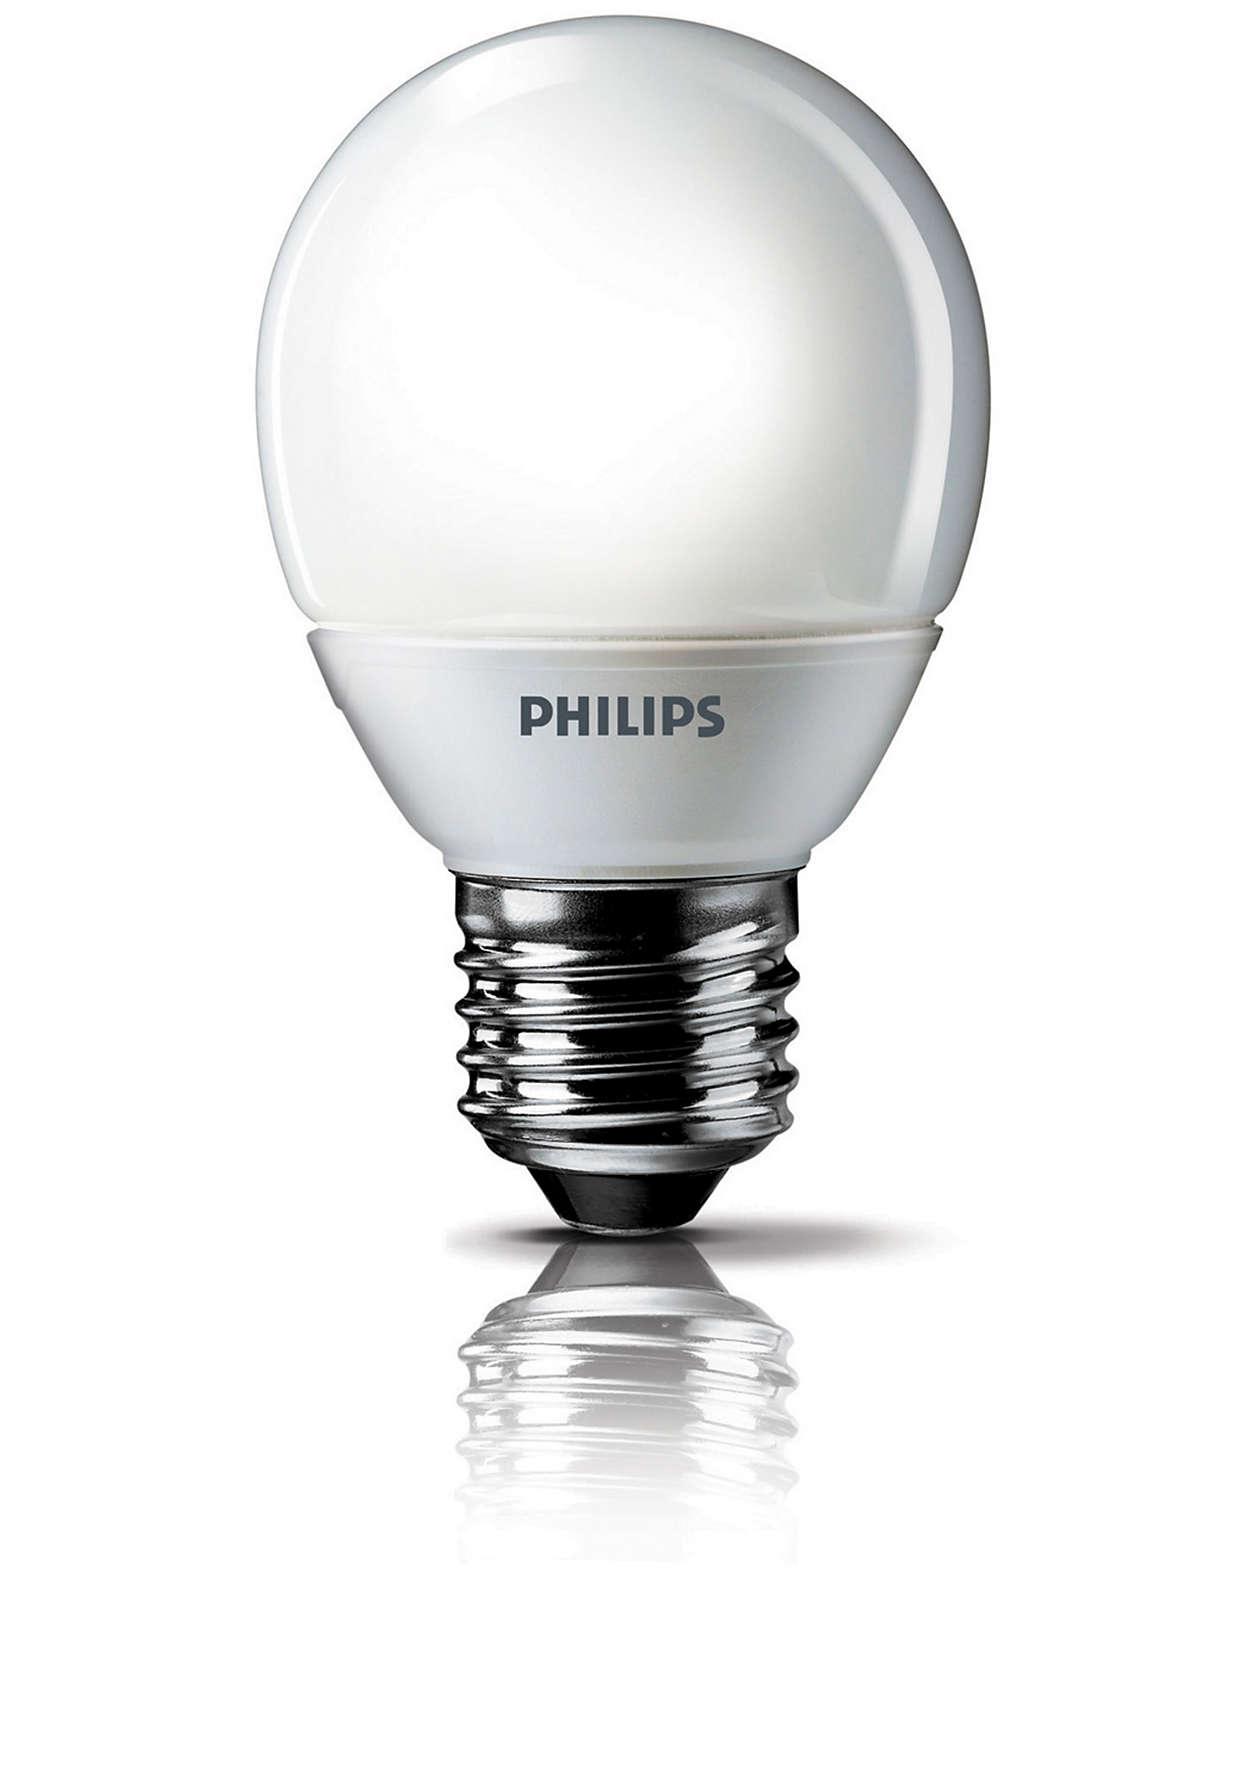 클래식한 디자인의 에너지 절약형 전구